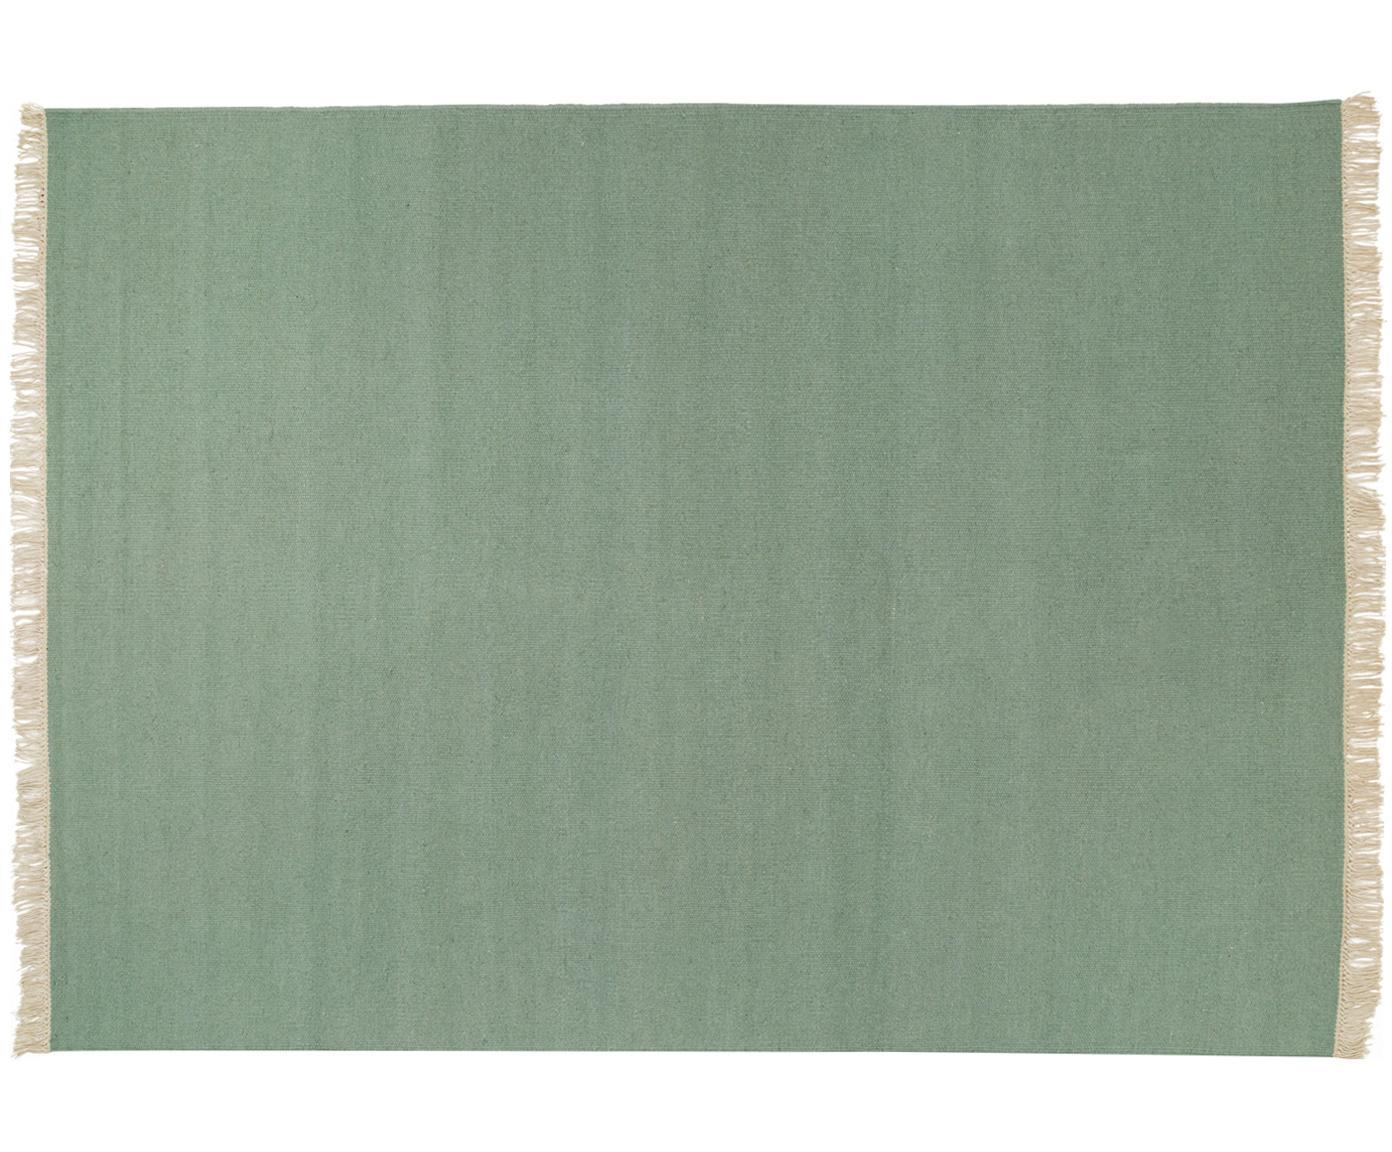 Handgewebter Wollteppich Rainbow in Grün mit Fransen, Flor: 100% Wolle, Pistazie, B 140 x L 200 cm (Größe S)